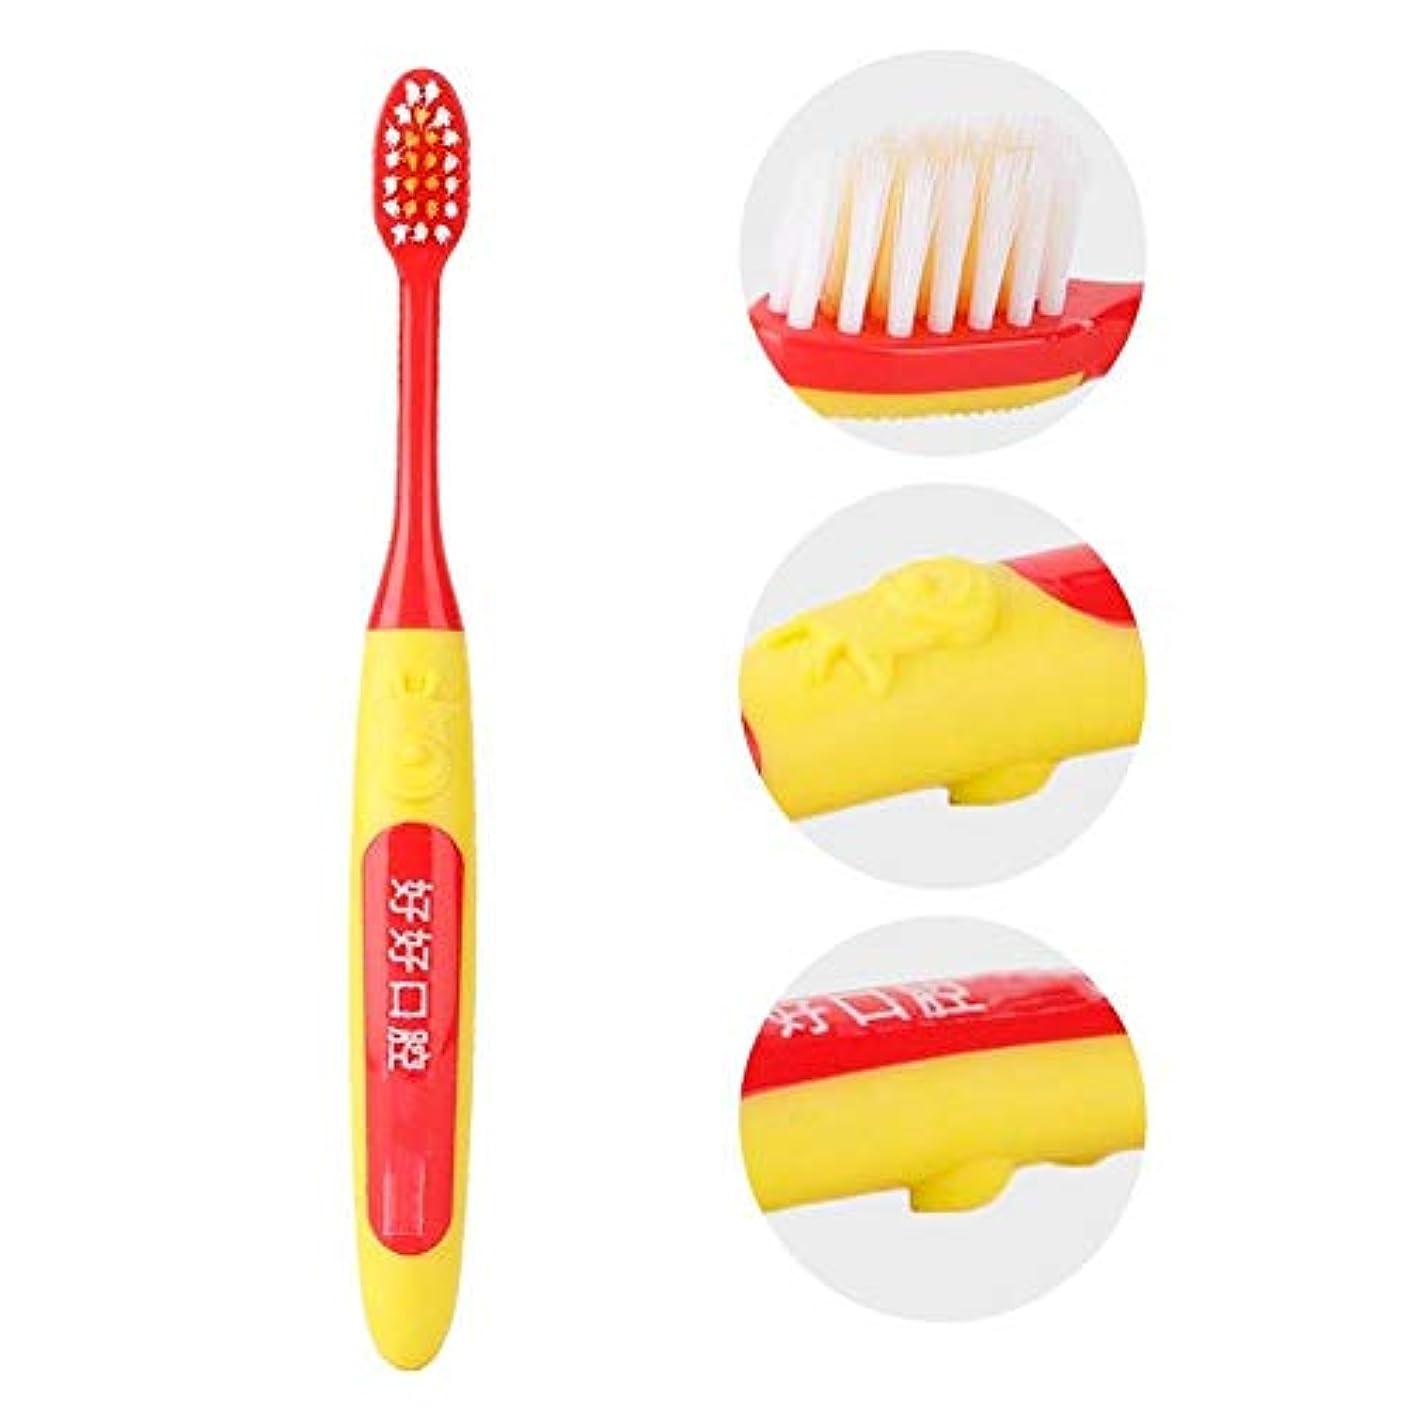 誘導幻影高い歯ブラシ子供の柔らかい髪の歯ブラシかわいい子供のクリーニング歯ブラシオーラルケアツール(黄色いハンドル)